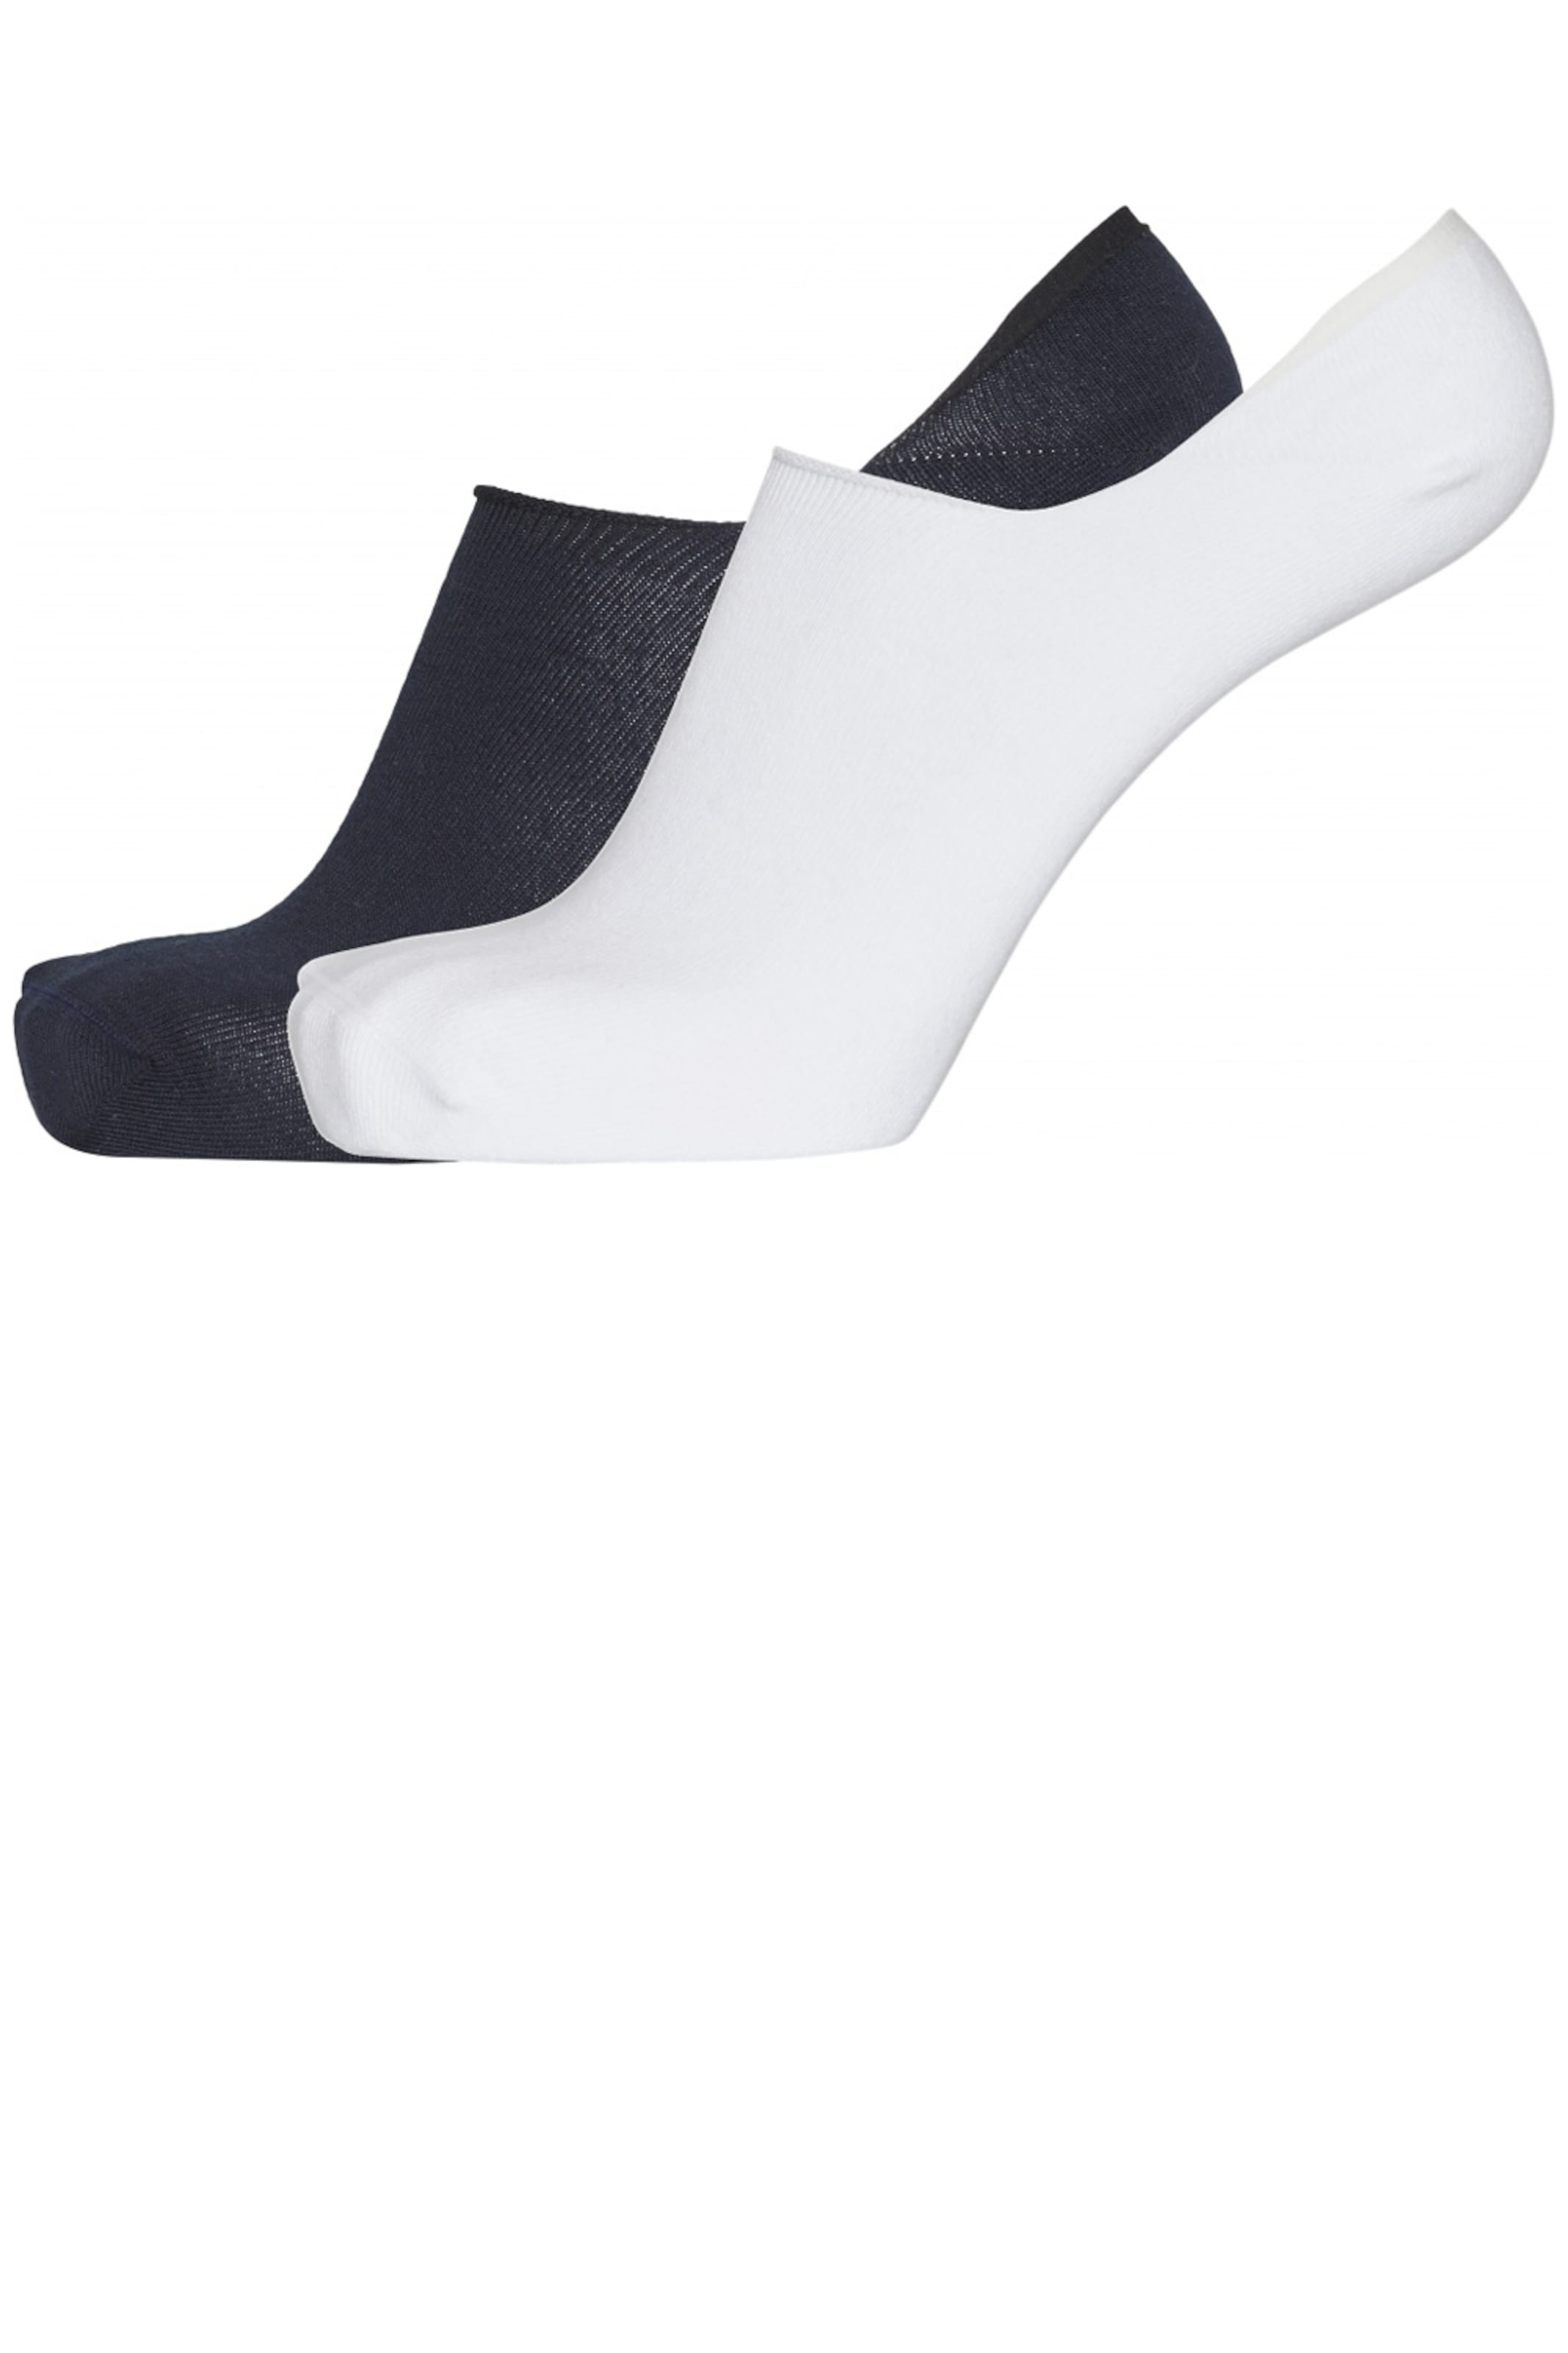 KnowledgeCotton Apparel Socken in schwarz / weiß Mehrere Farben pro Pack KCA_SS20M_2117_bright-white_38-42